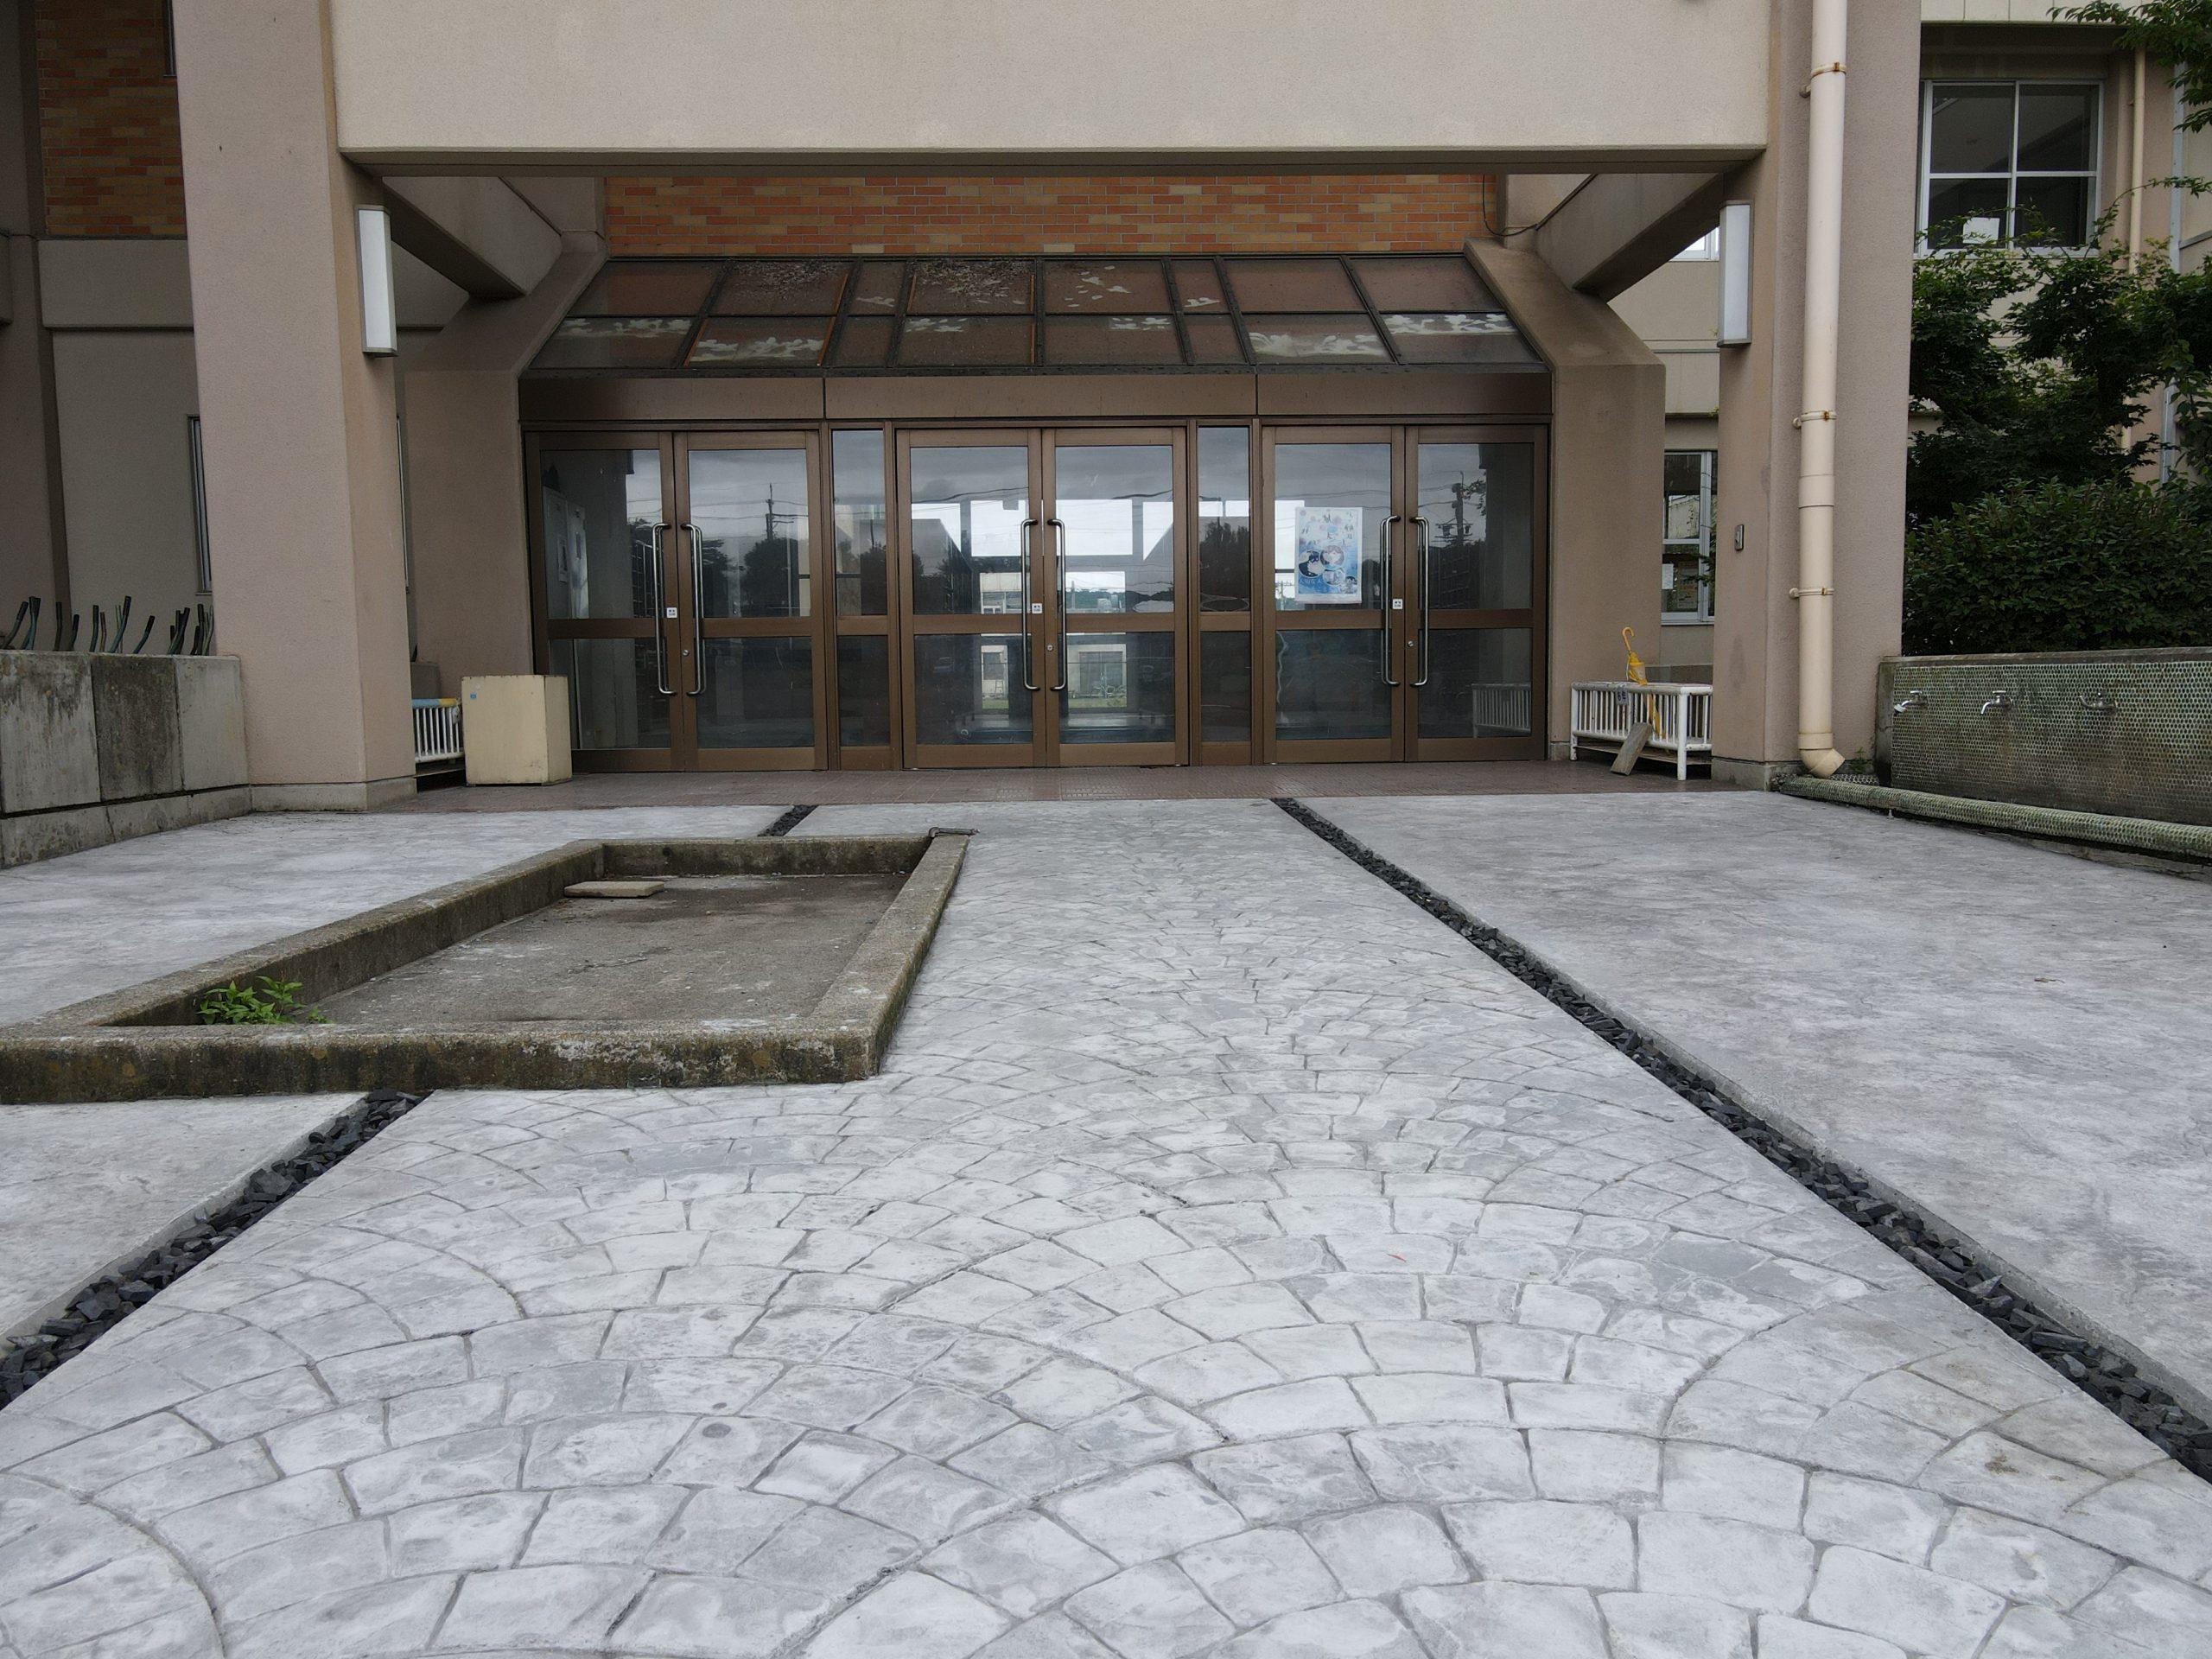 野沢小学校 スタンプコンクリート